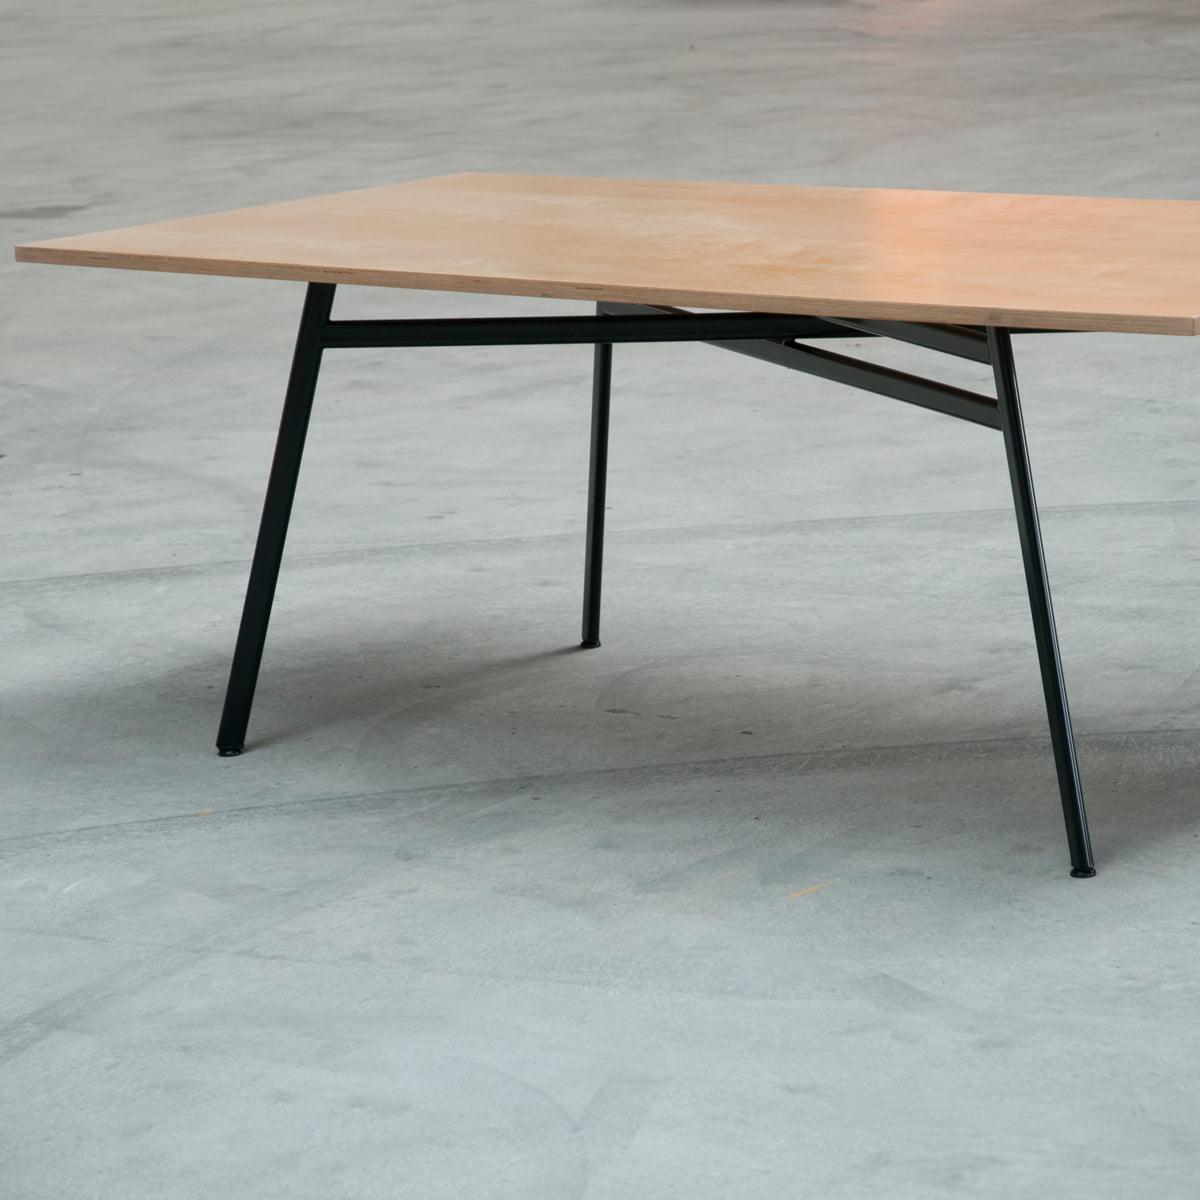 tischgestell schindlersalmer n. Black Bedroom Furniture Sets. Home Design Ideas